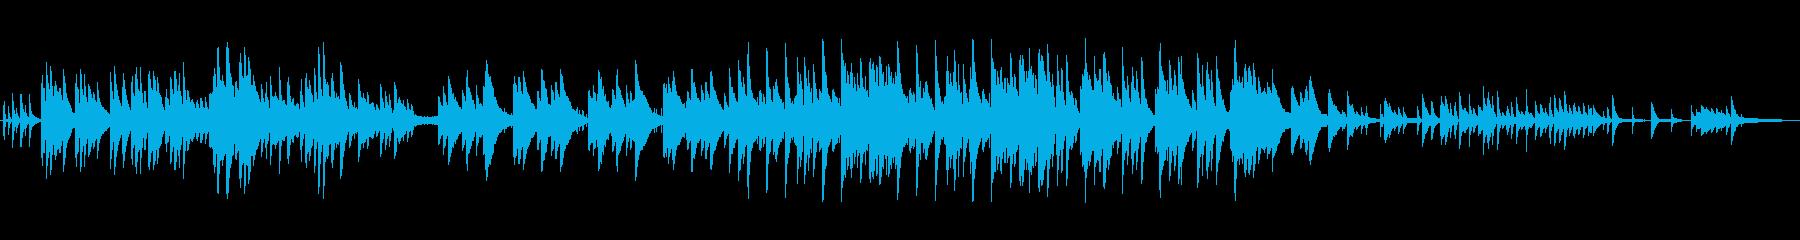 優しく儚げなピアノBGMの再生済みの波形